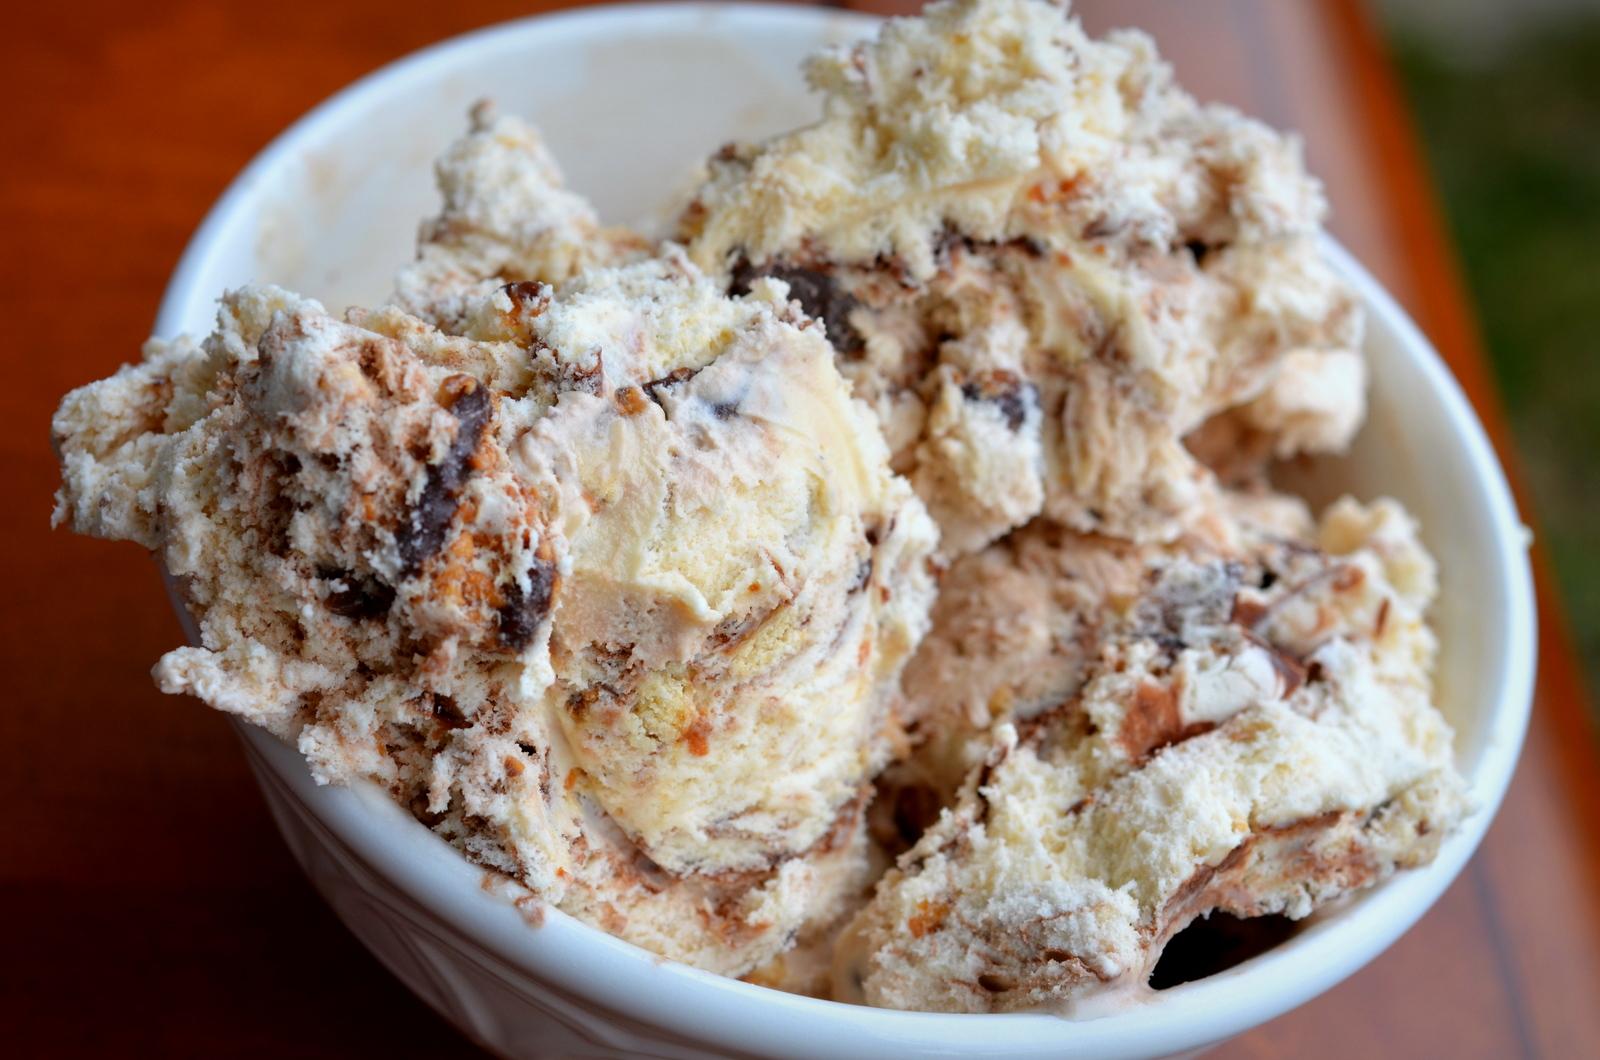 Coconut Caramel Ice Cream Recipe — Dishmaps